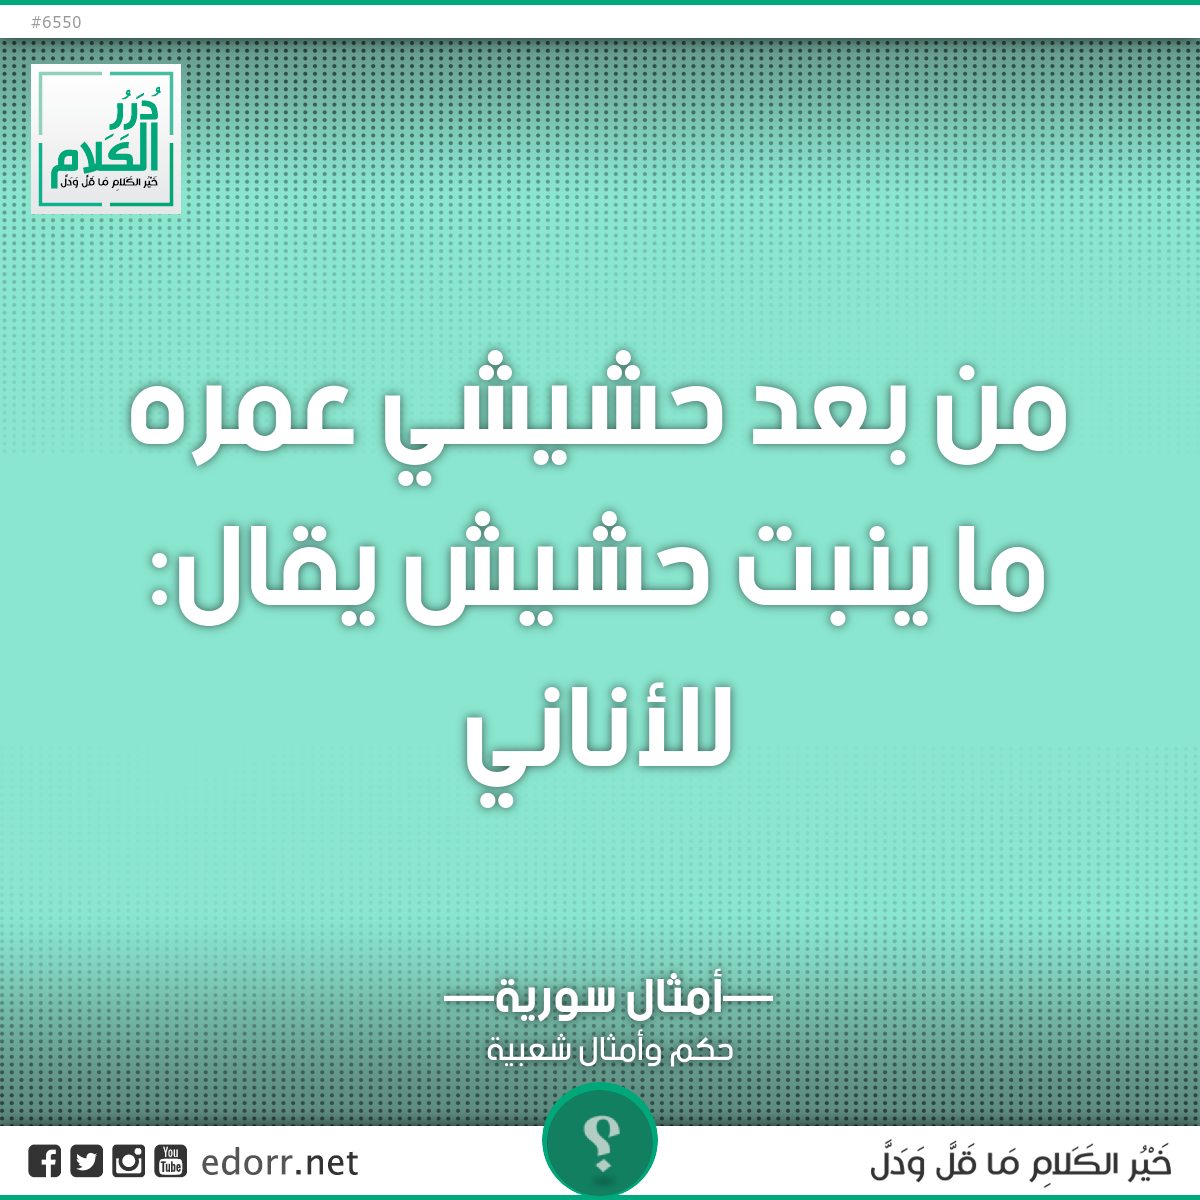 من بعد حشيشي عمره ما ينبت حشيش .   يقال: للأناني